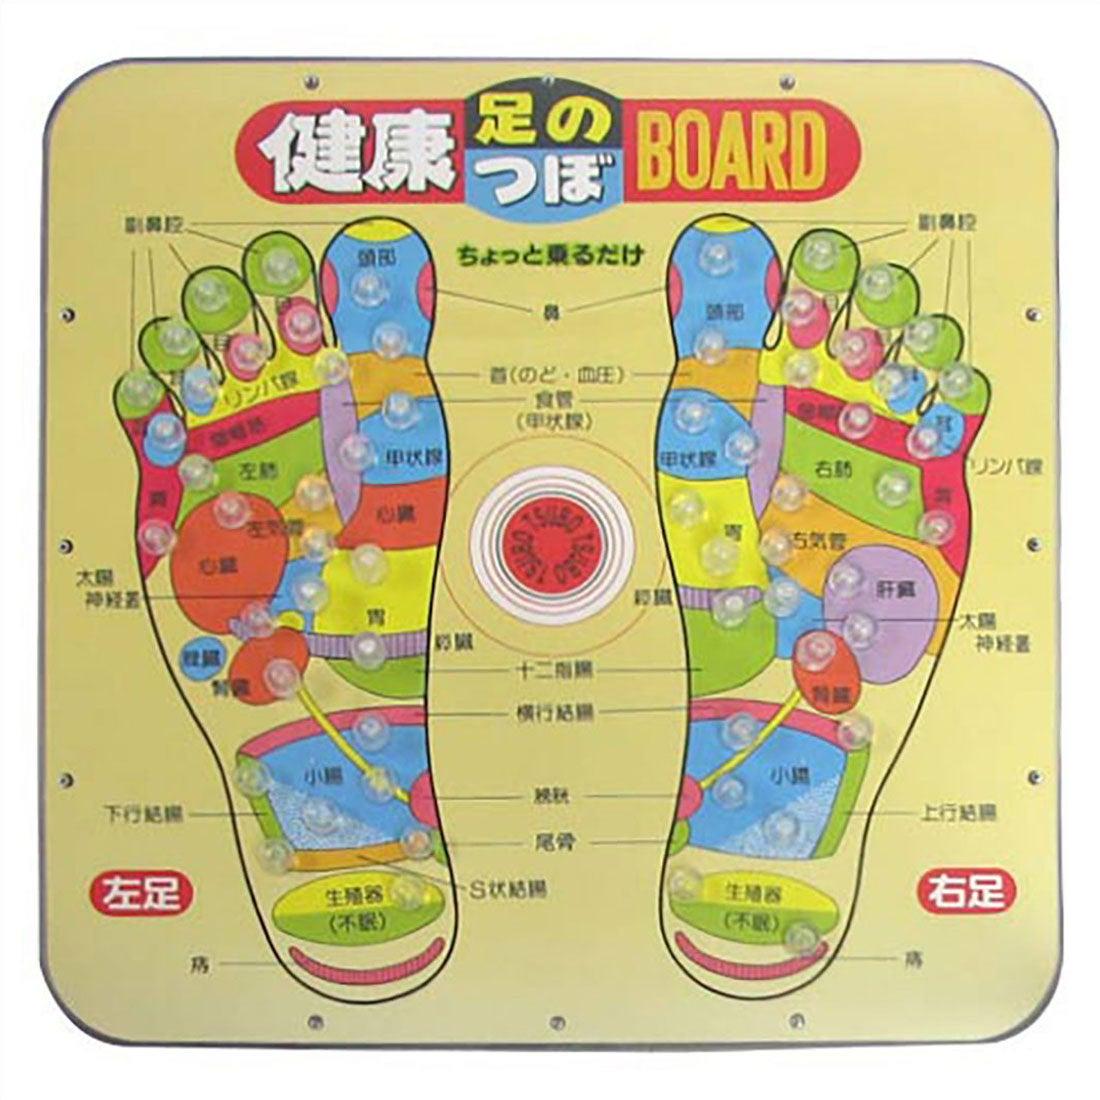 【SALE 6%OFF】ゴルフ5 GOLF5 ゴルフ コンペ用品(家庭用品) 健康足のツボG5 ASHITUBOG5